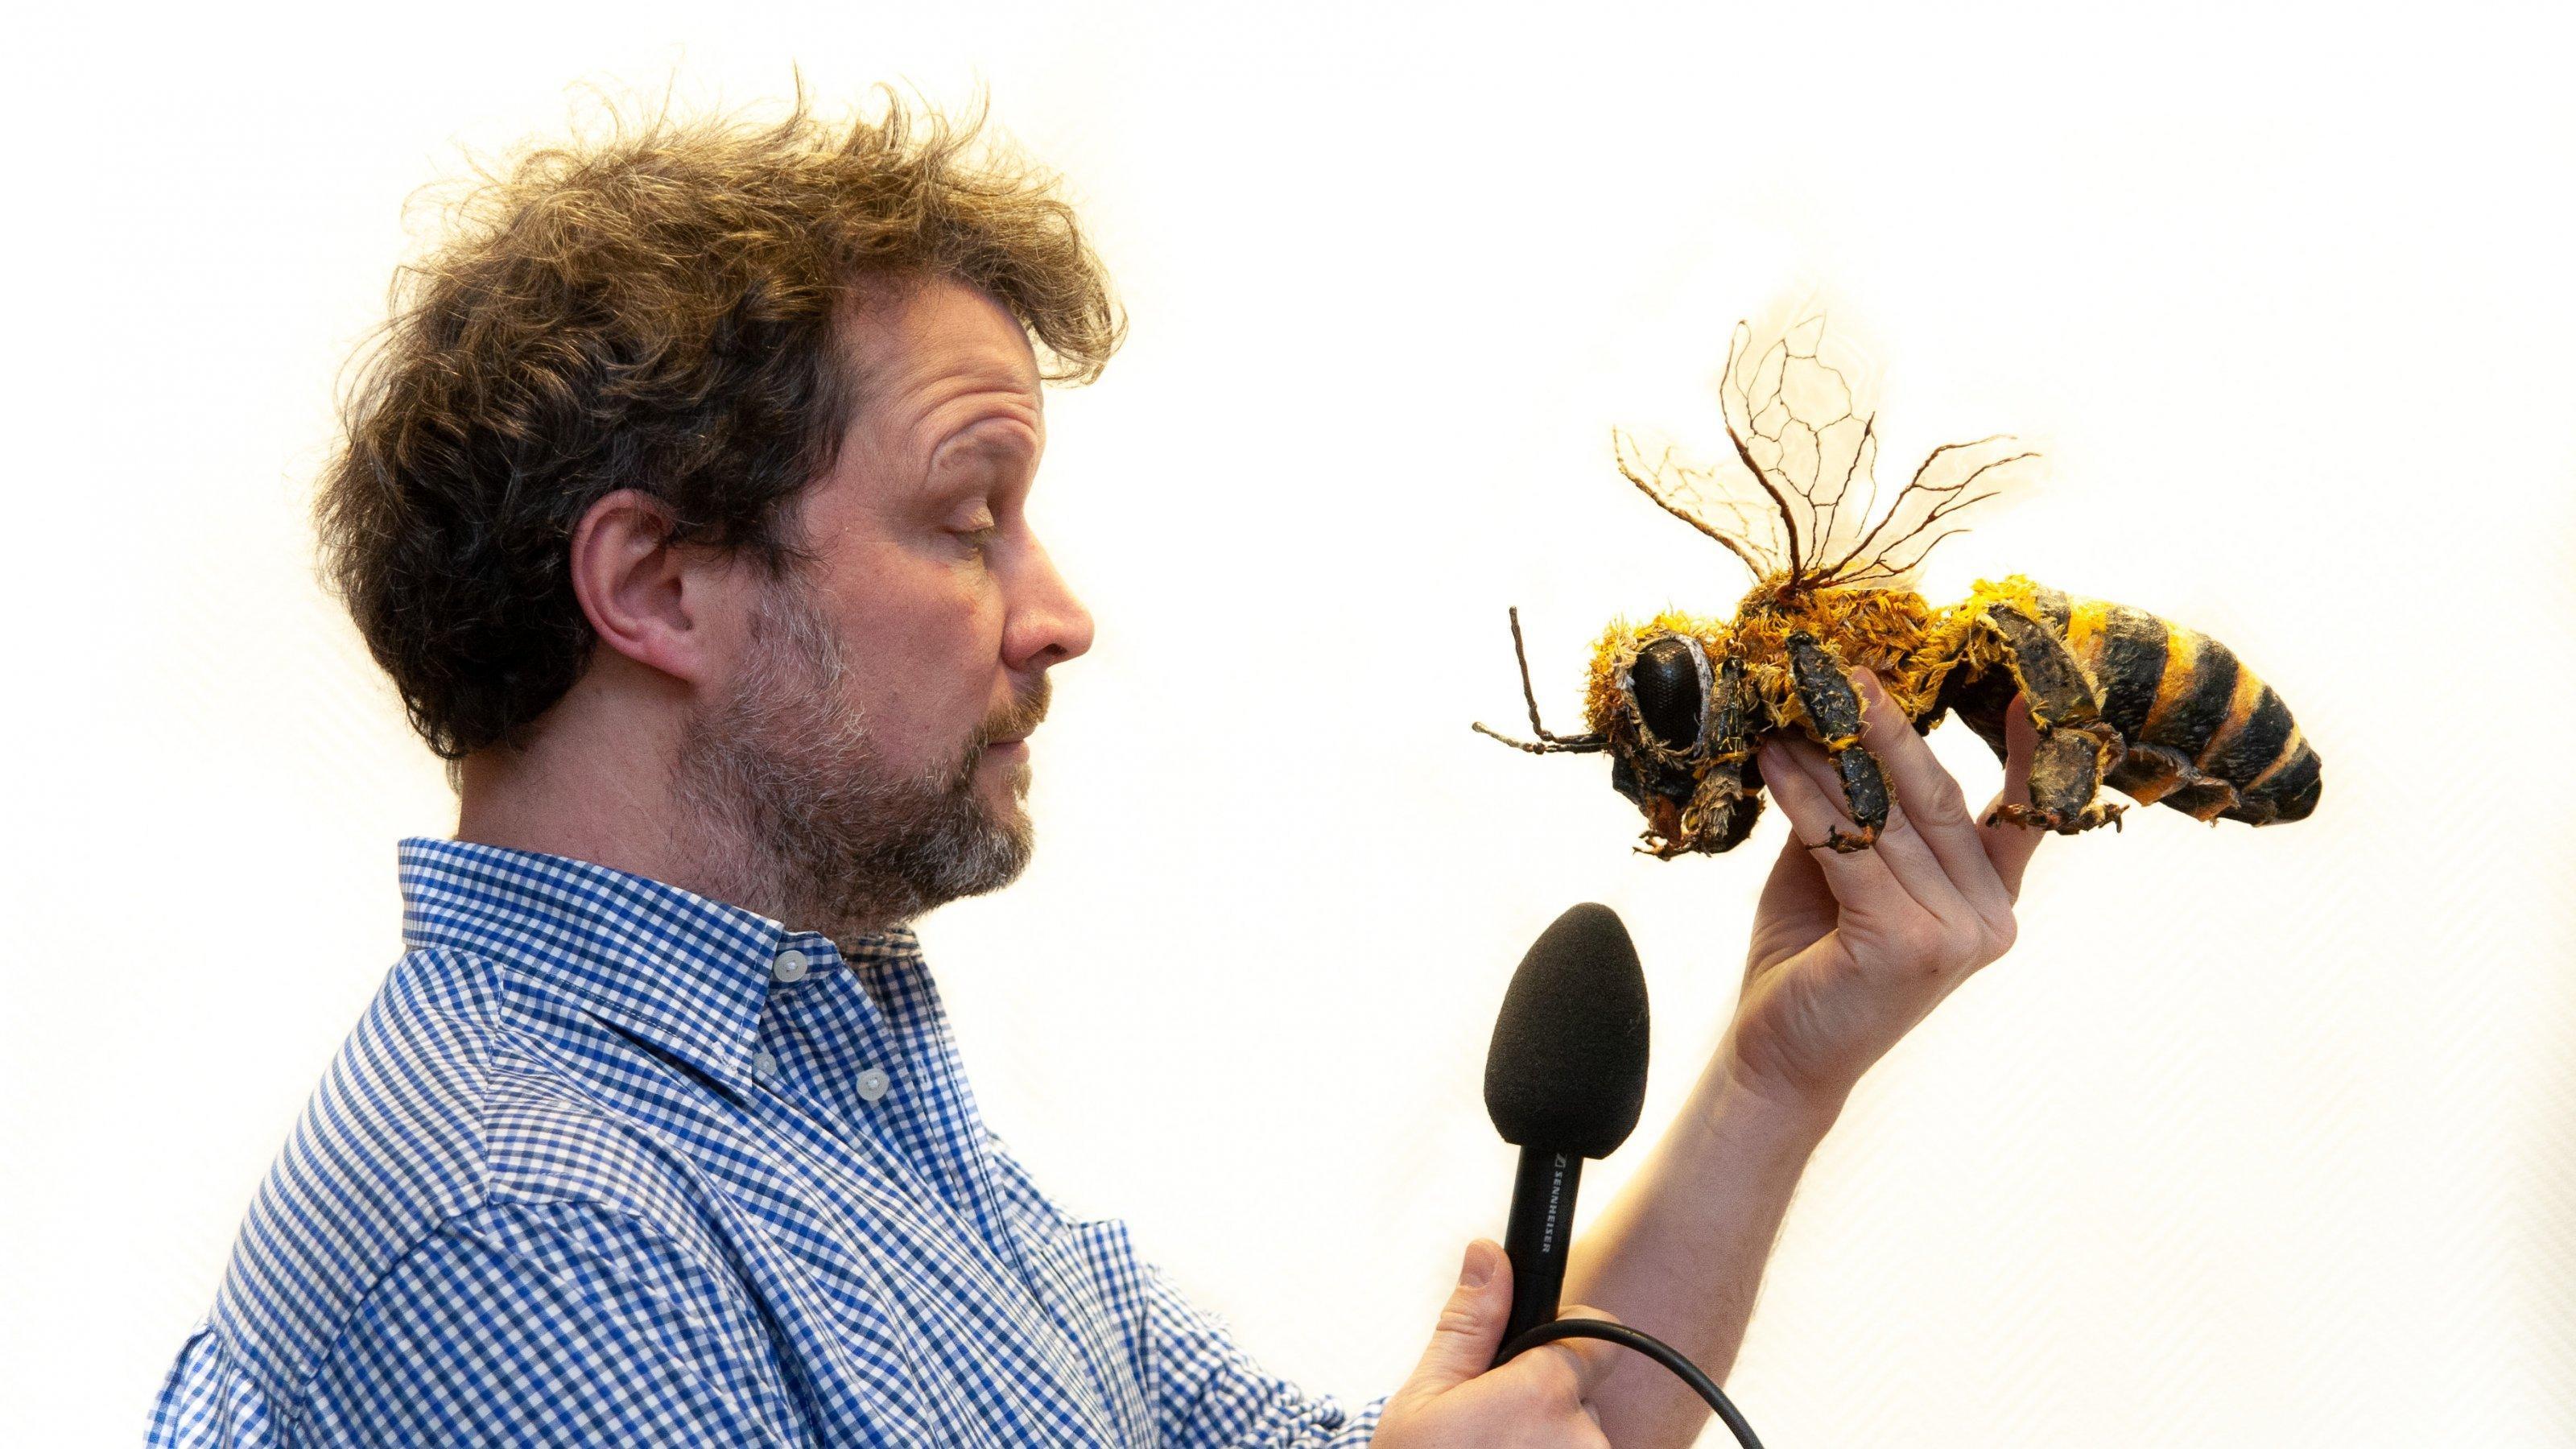 Ein Mann hält einer großen Biene aus Pappmaché ein Mikrofon vor den Mund.